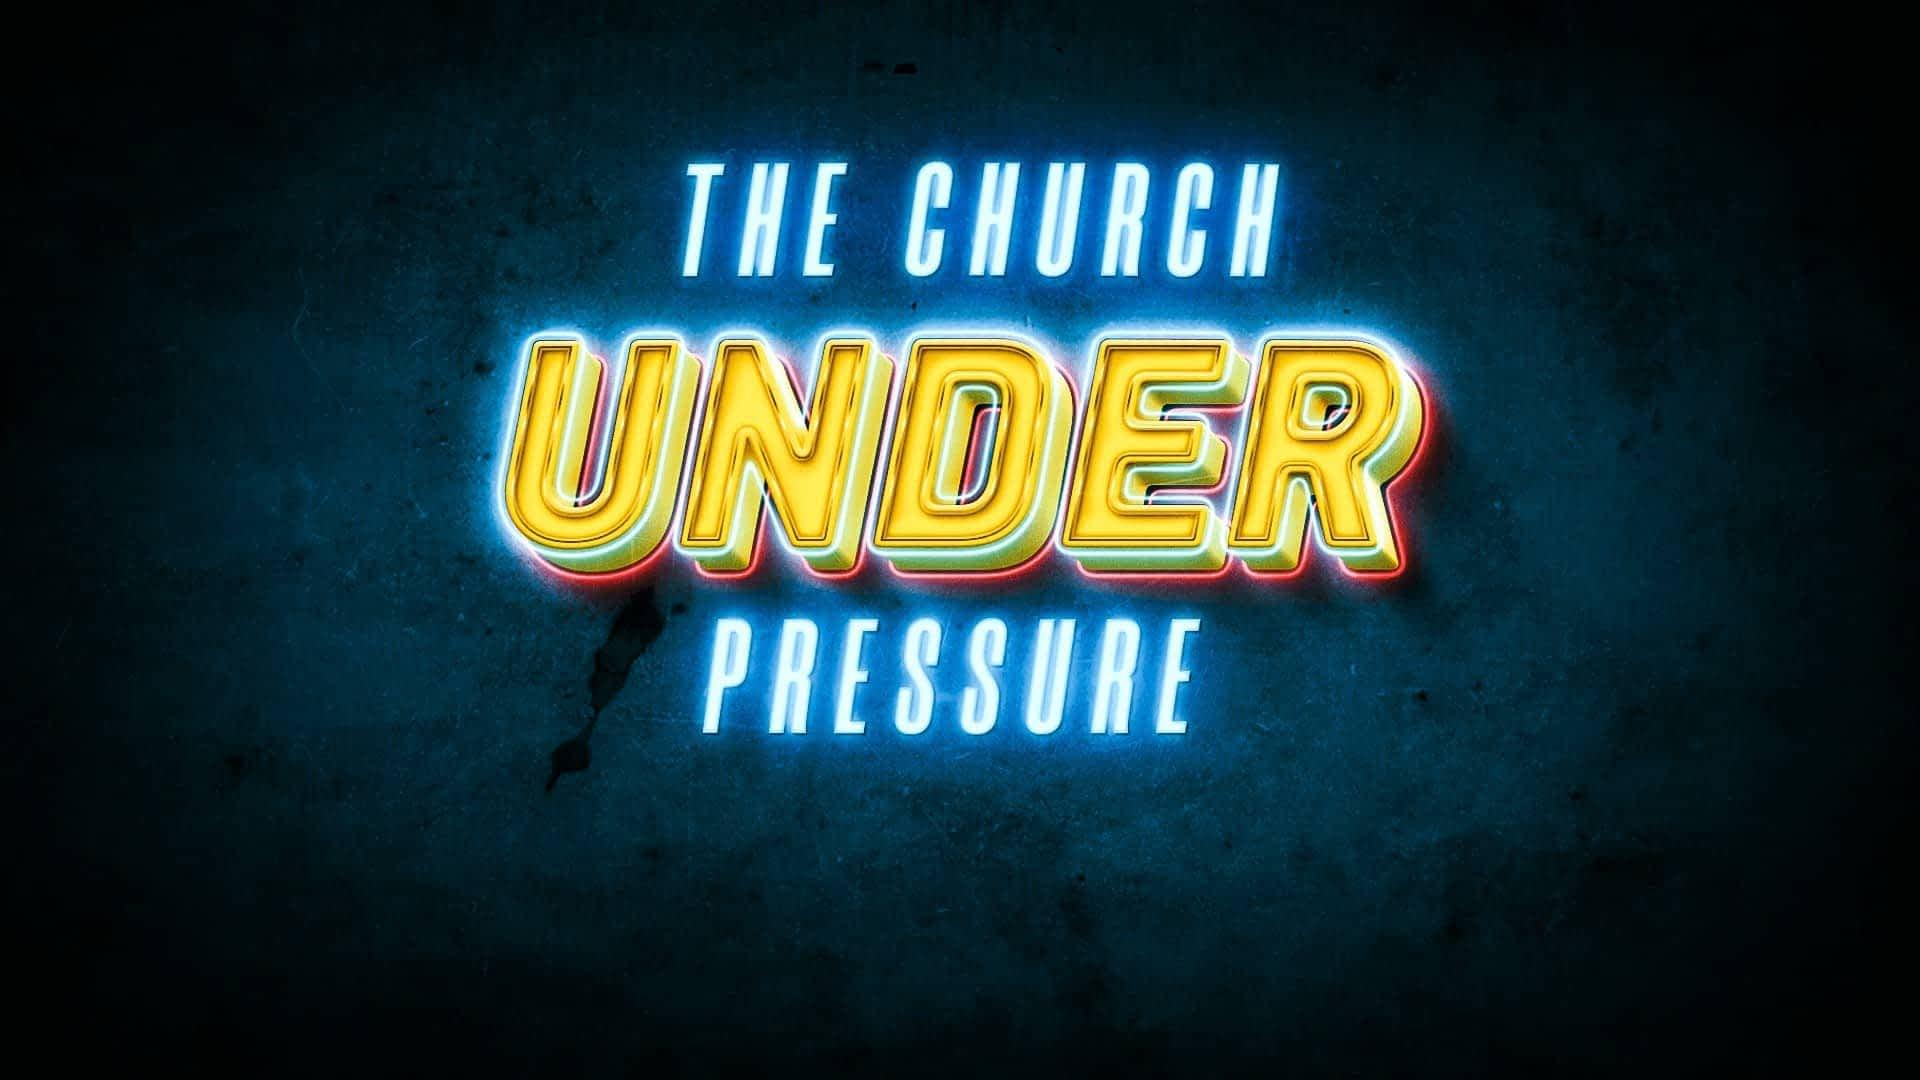 Church Under Pressure